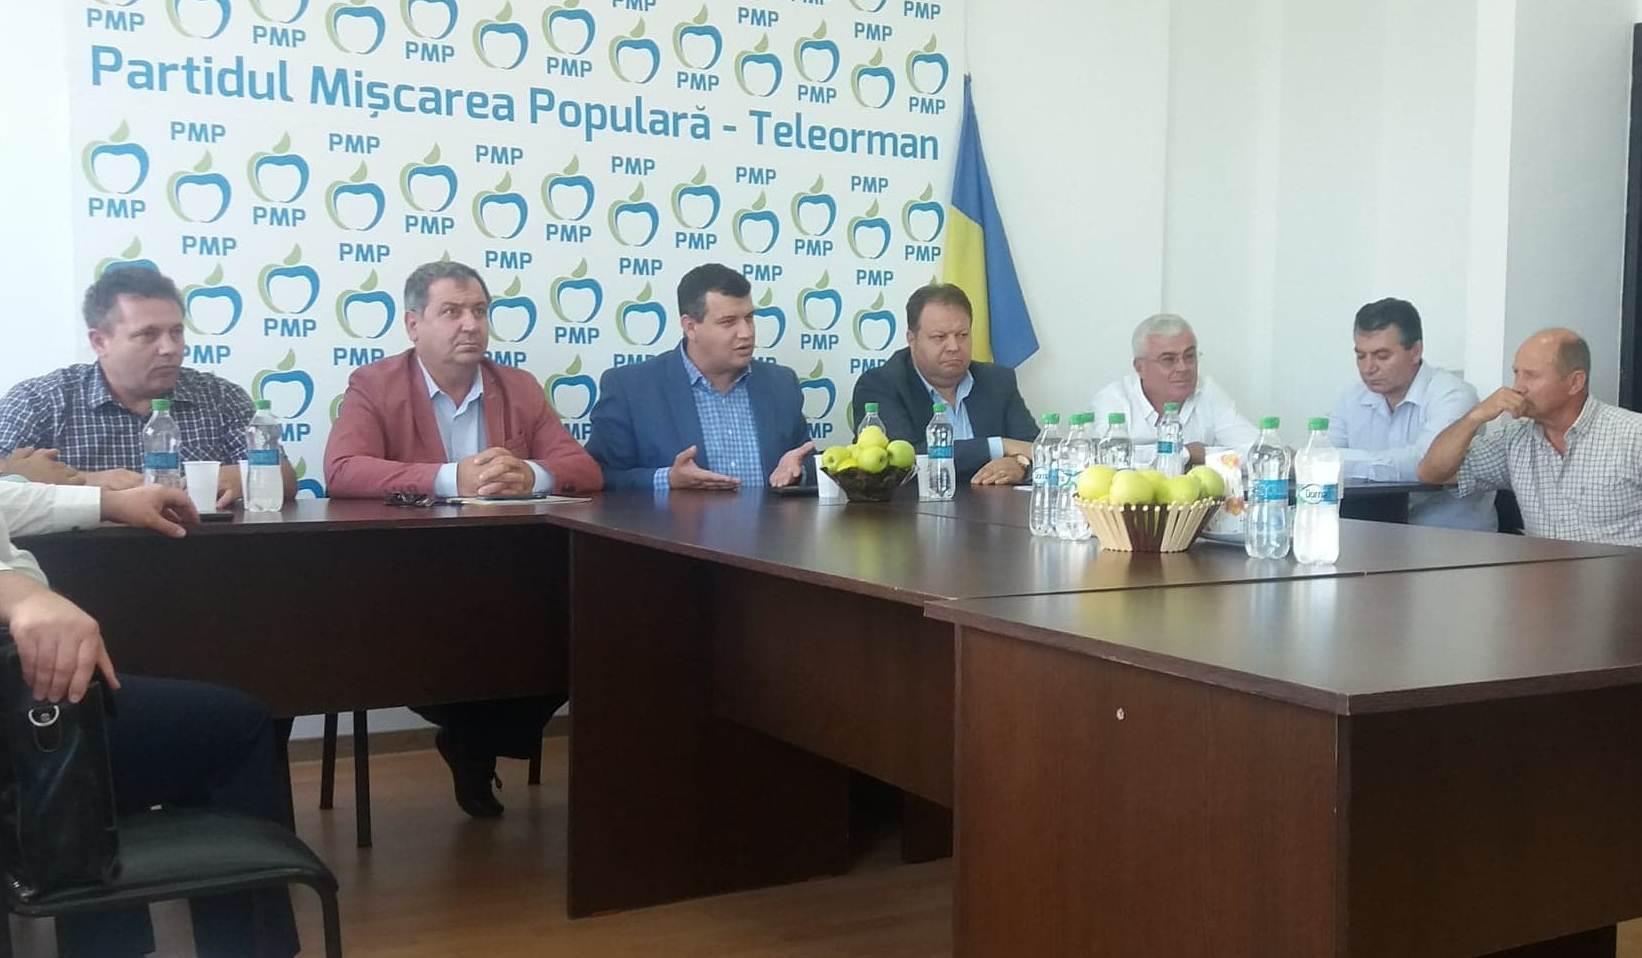 Preşedintele Eugen Tomac, la Alexandria: Dragnea, cu mustaţa sa fină, a reuşit să ne corupă doi senatori. Astfel, ne-a desfiinţat grupul de la Senat